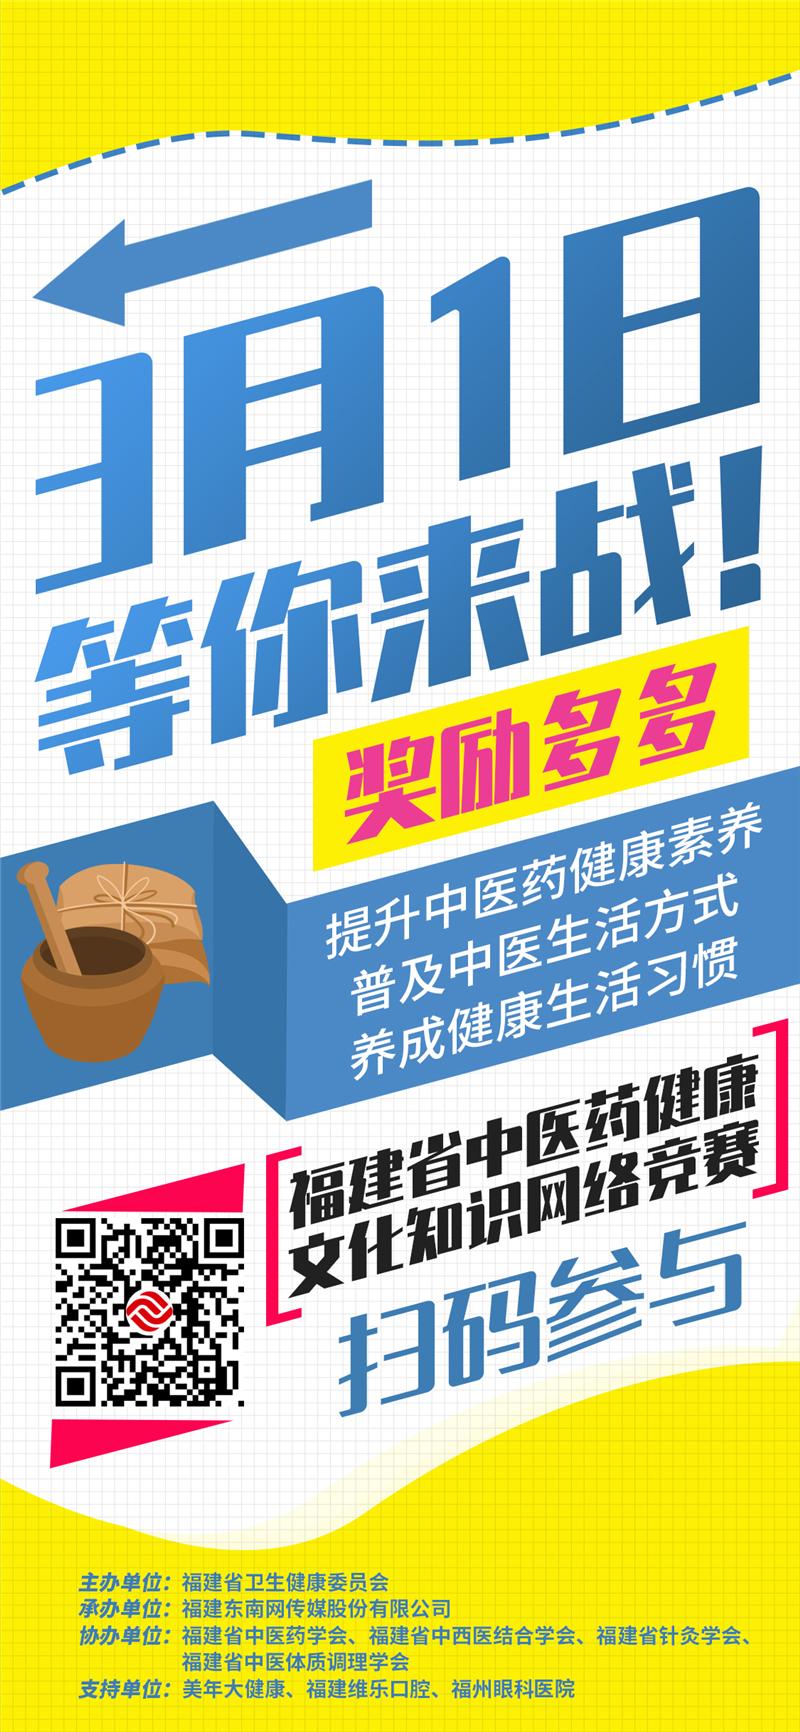 中医药海报31.jpg